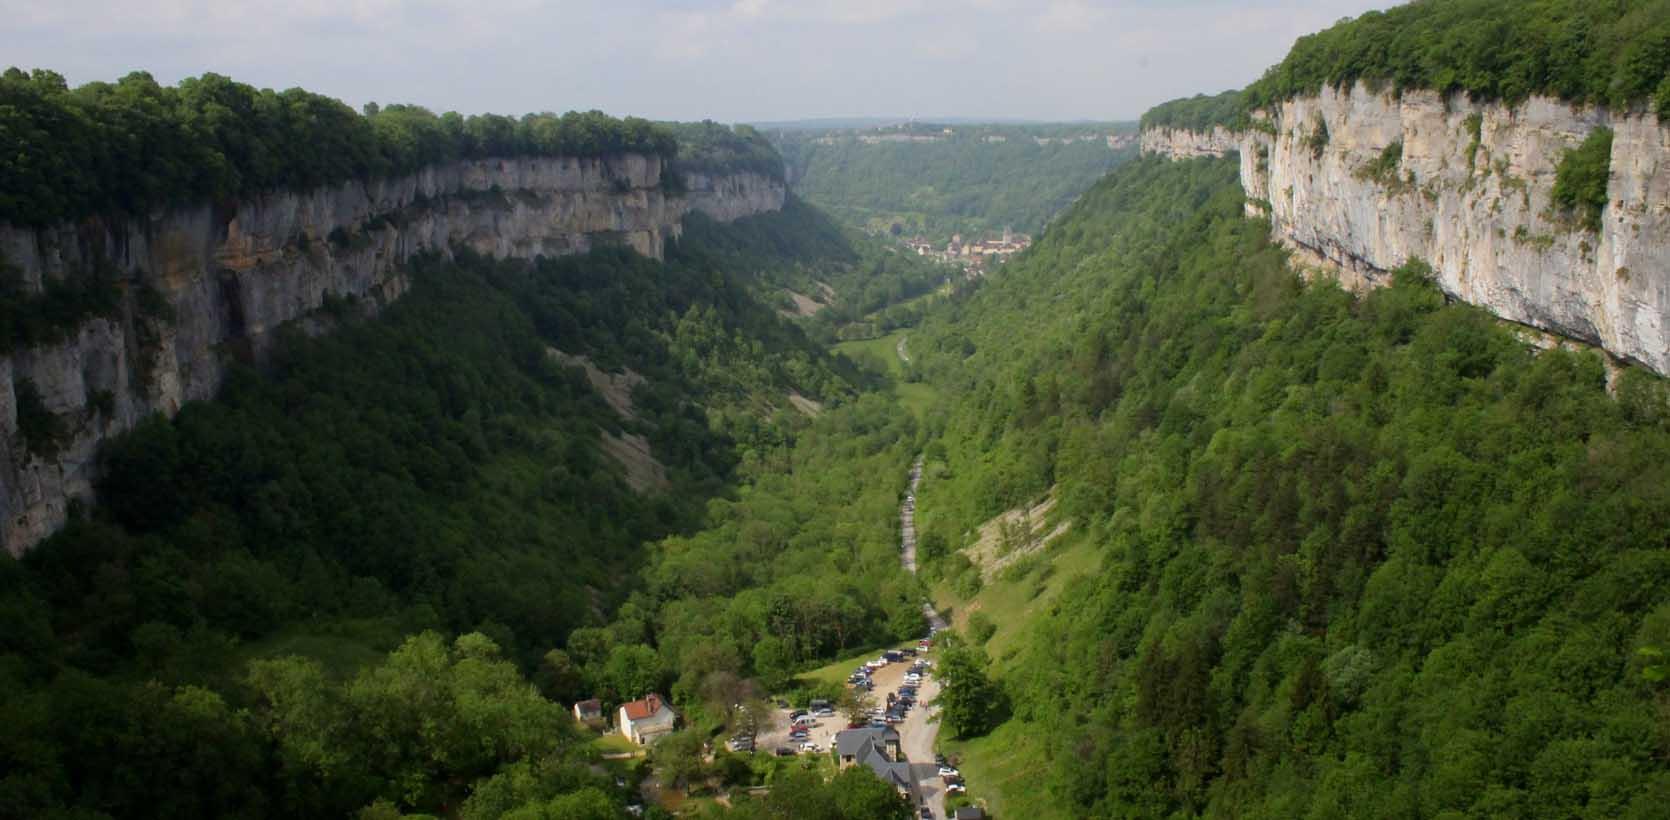 Des beautés naturelles, reculée, cascades et belvédères